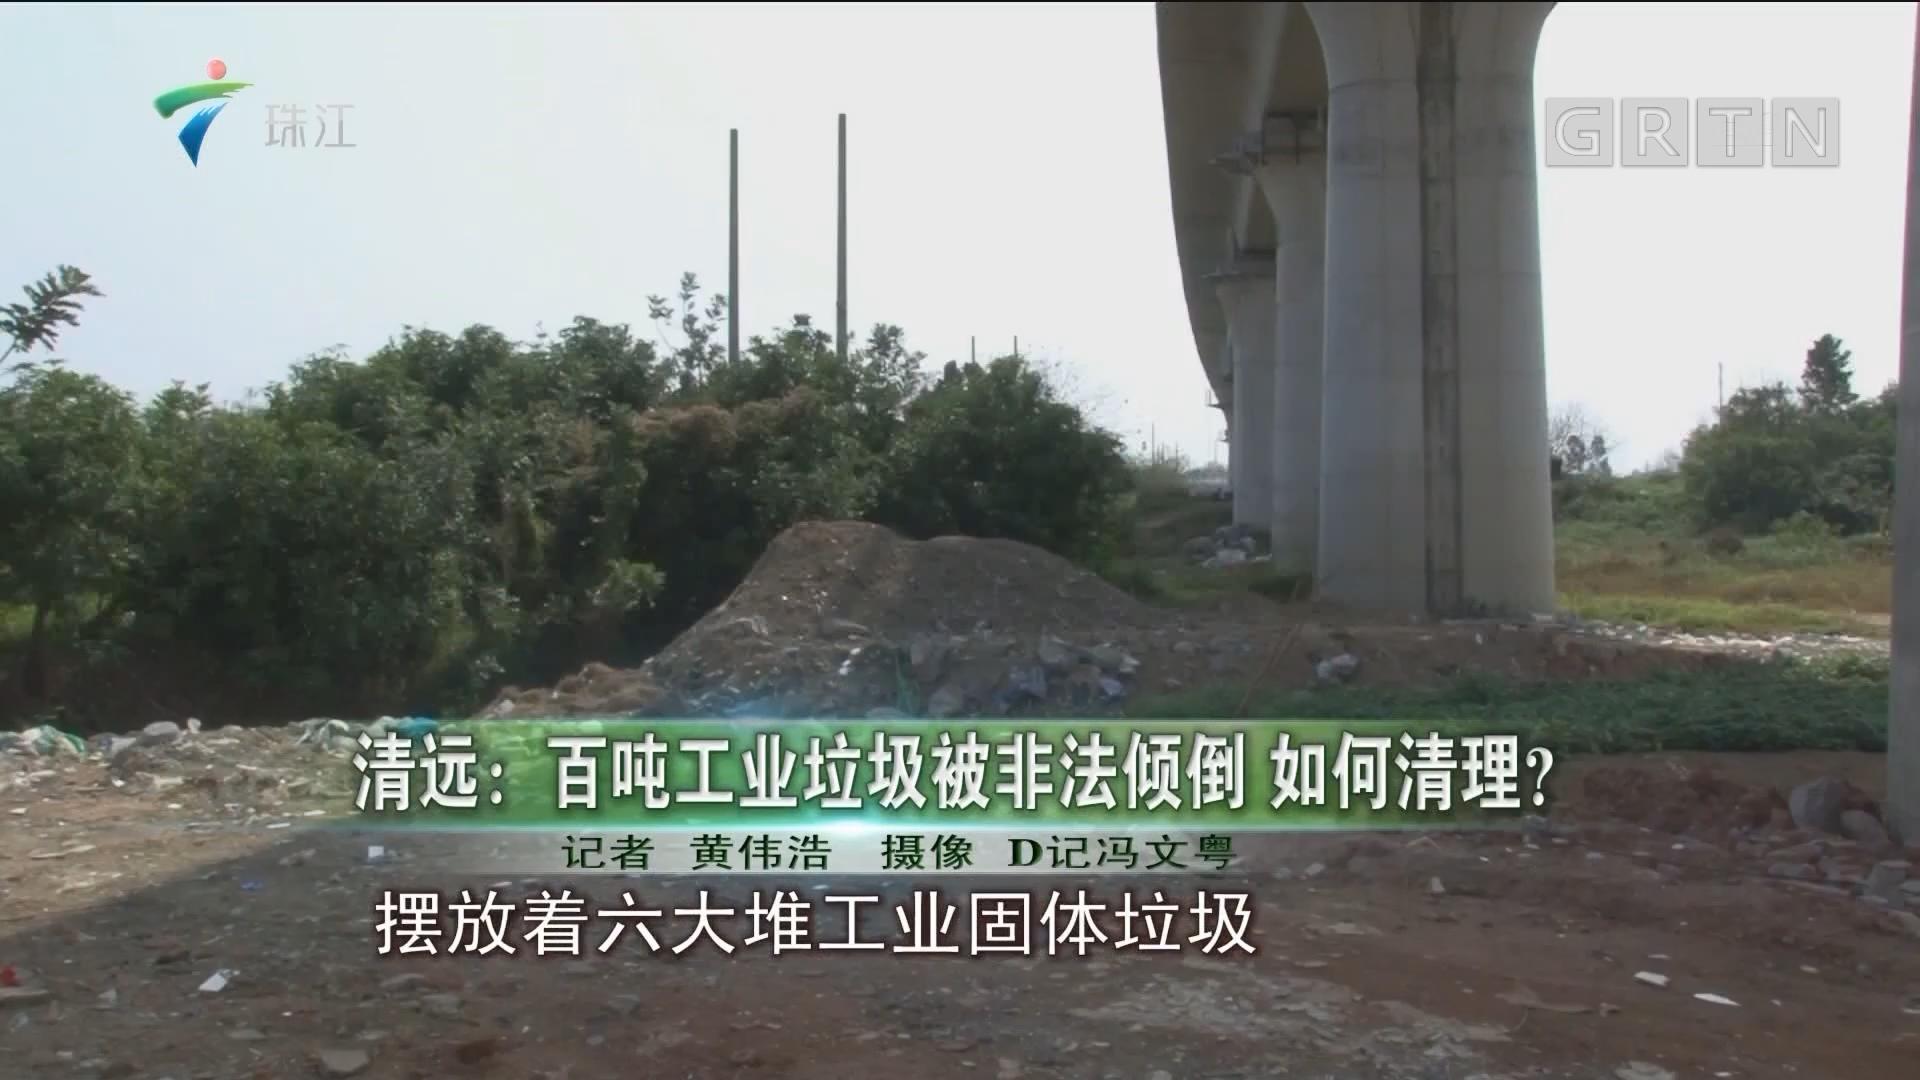 清远:百吨工业垃圾被非法倾倒 如何清理?